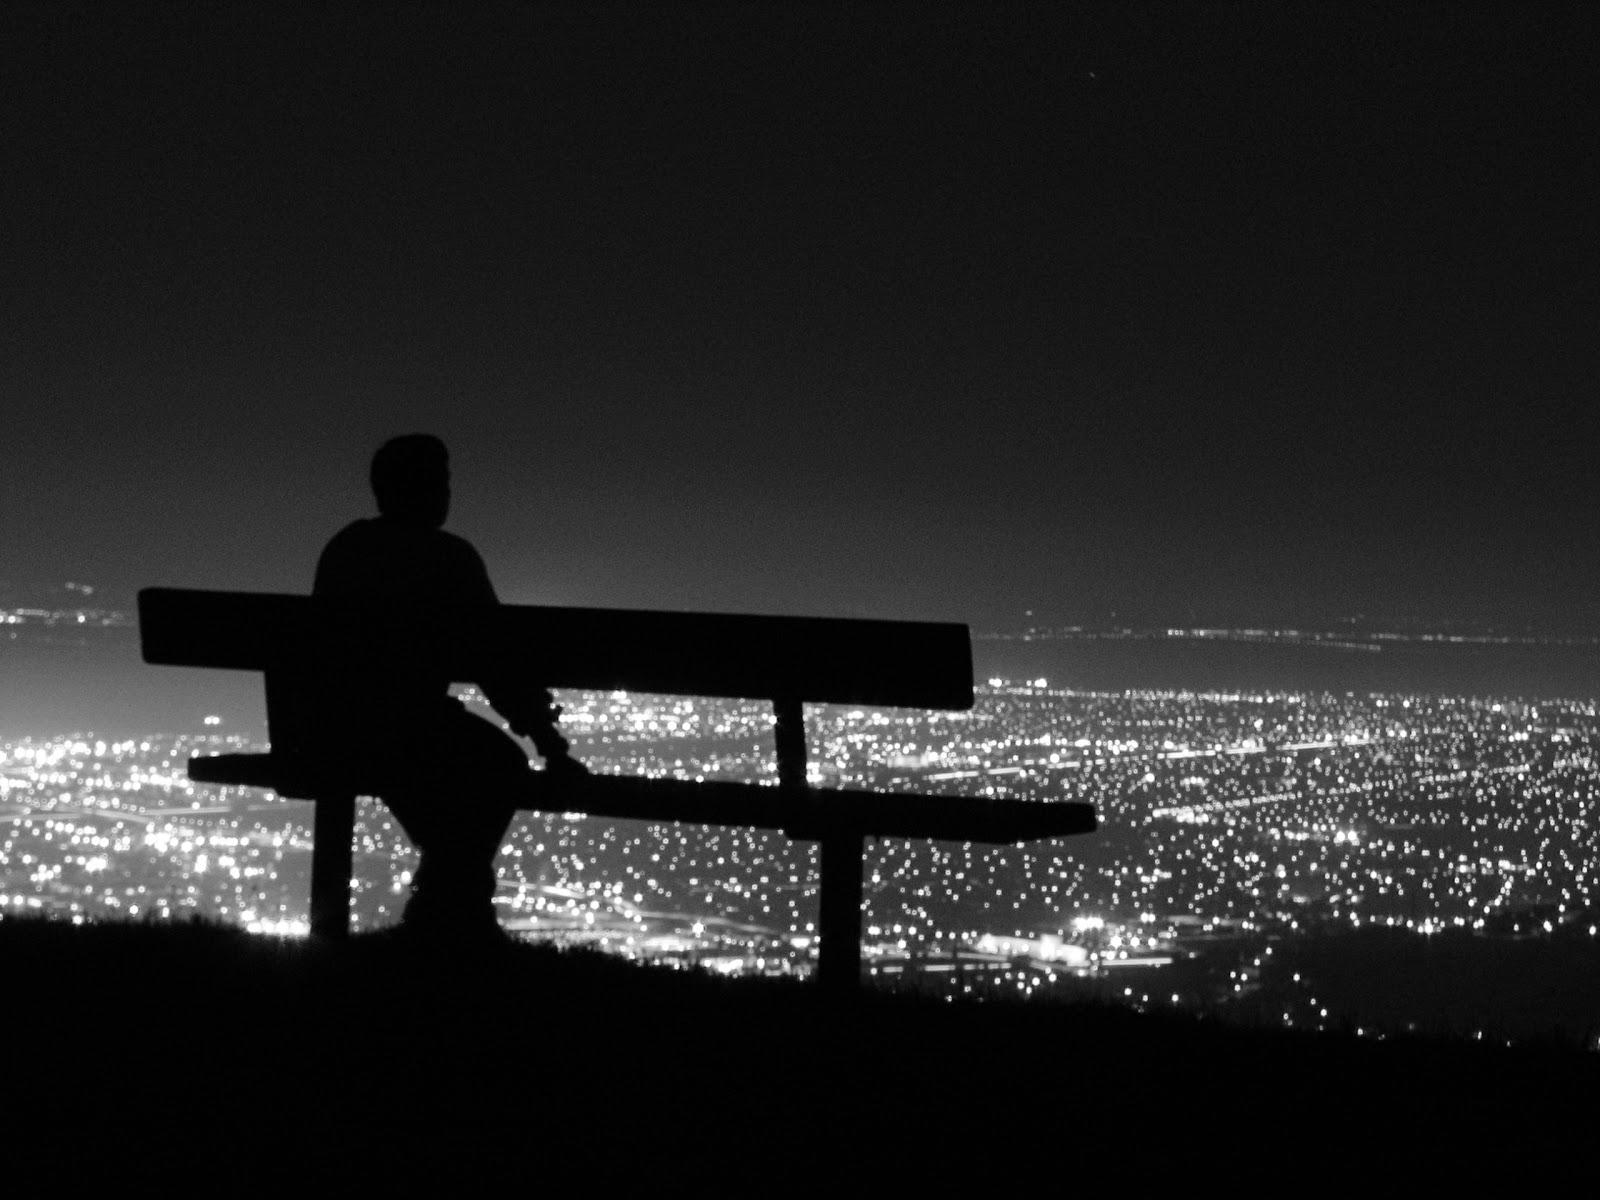 Gece ve Yalnızlıkla Konuşmalar